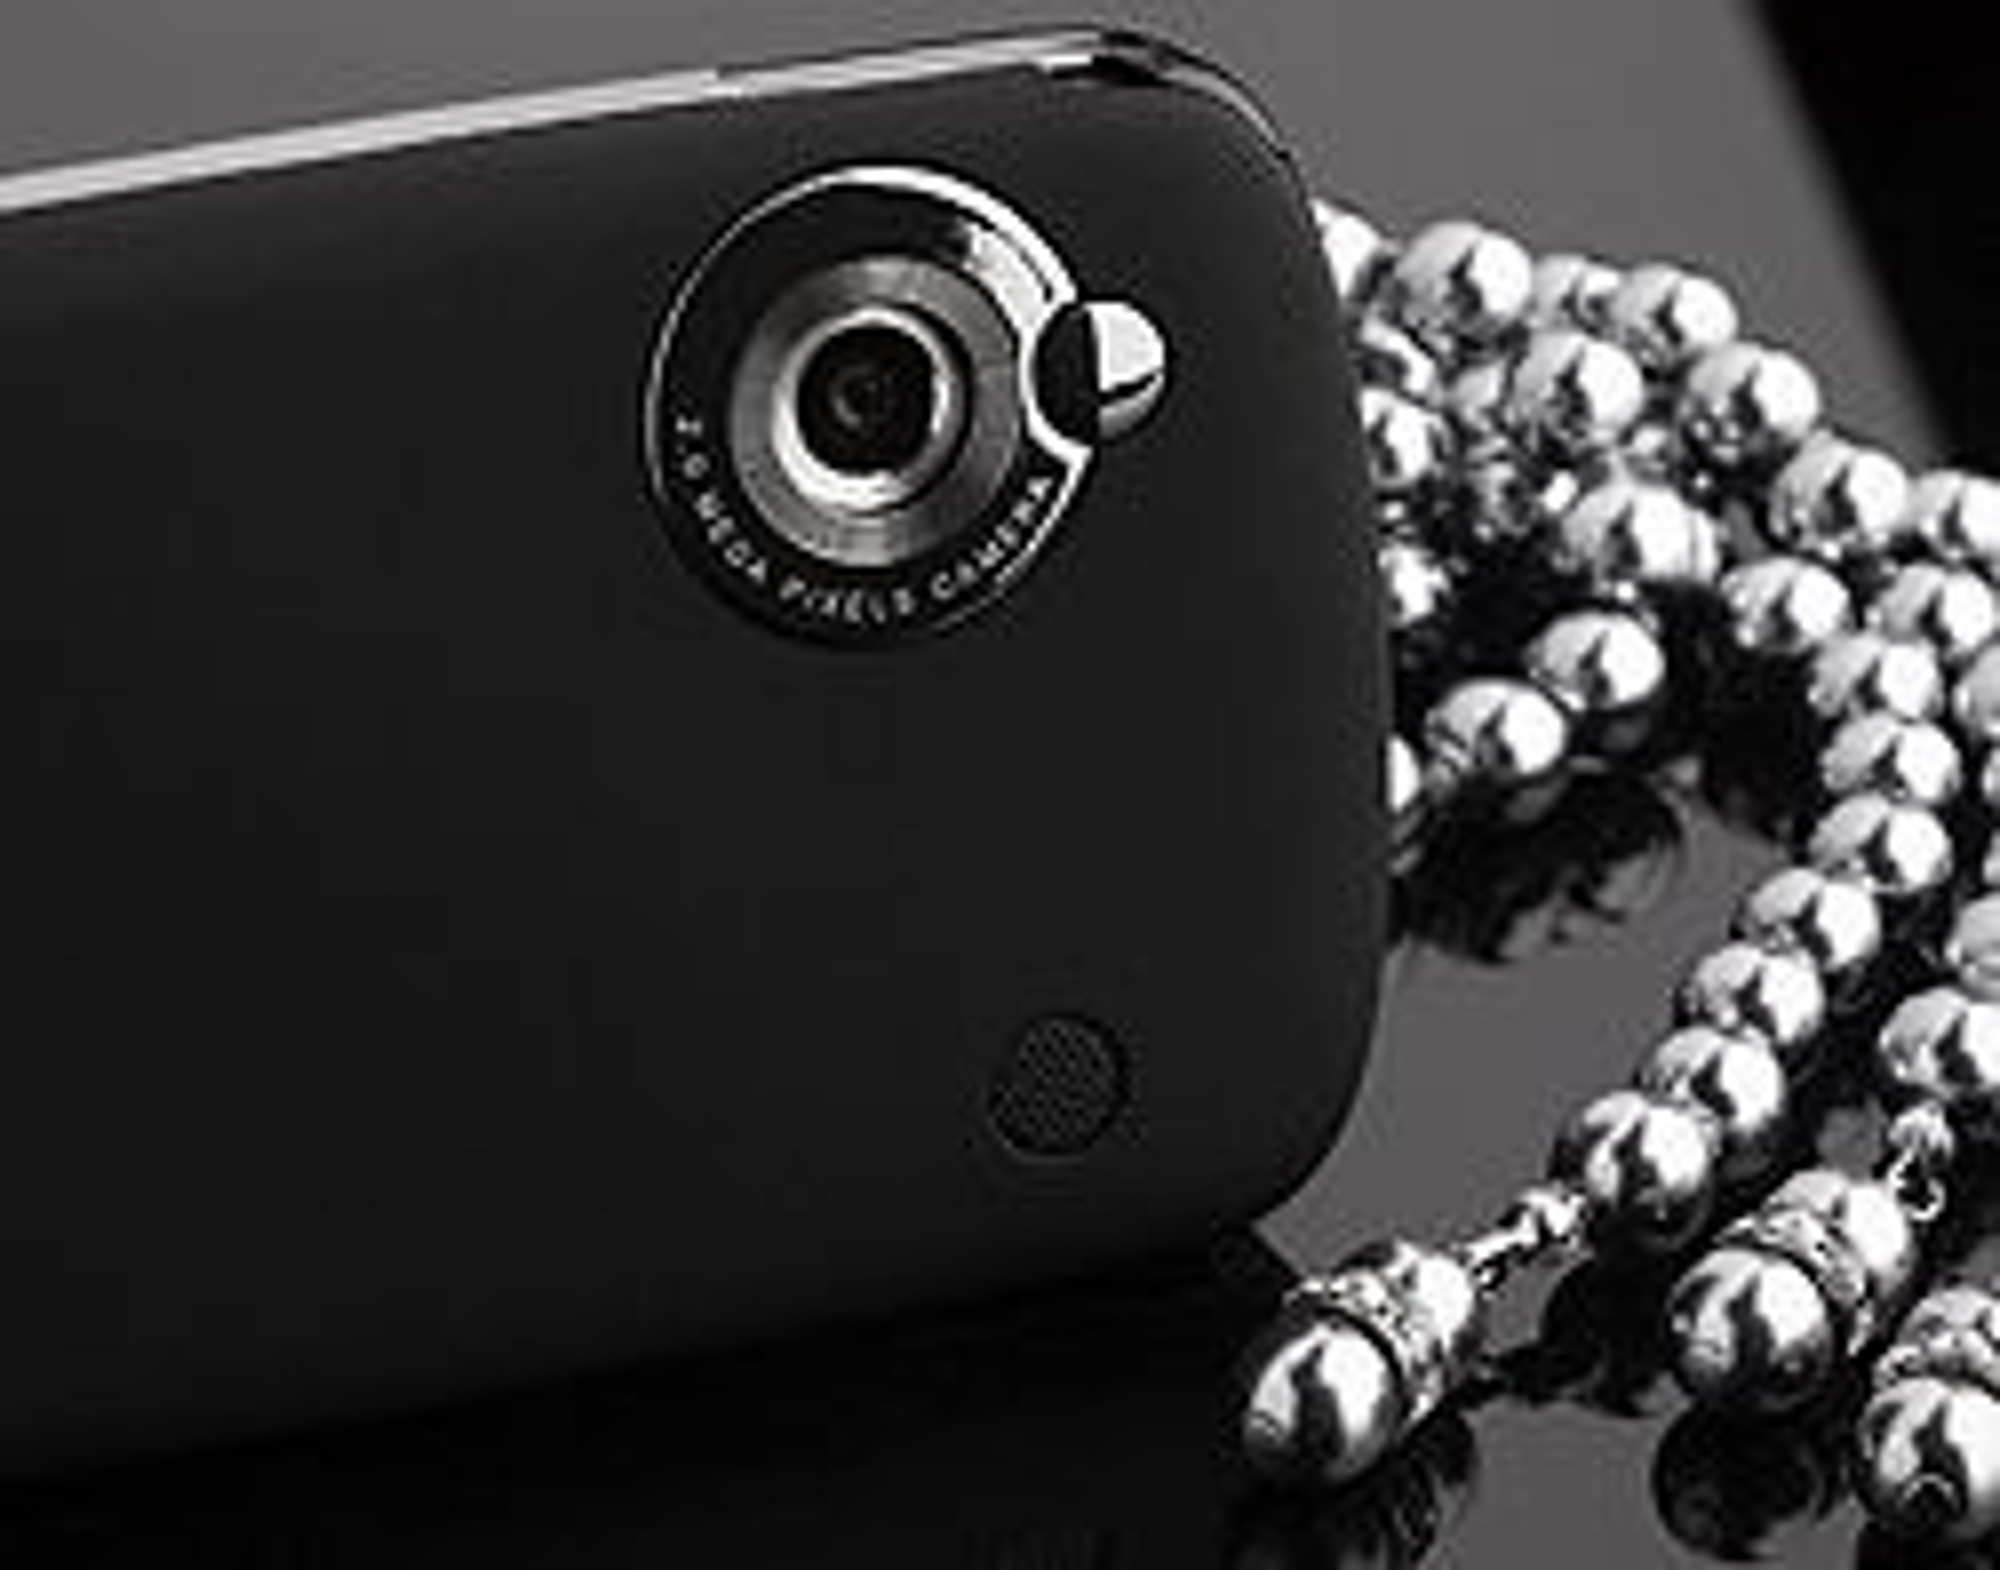 Kameraet på baksiden tar bilder i to megapikslers oppløsning.